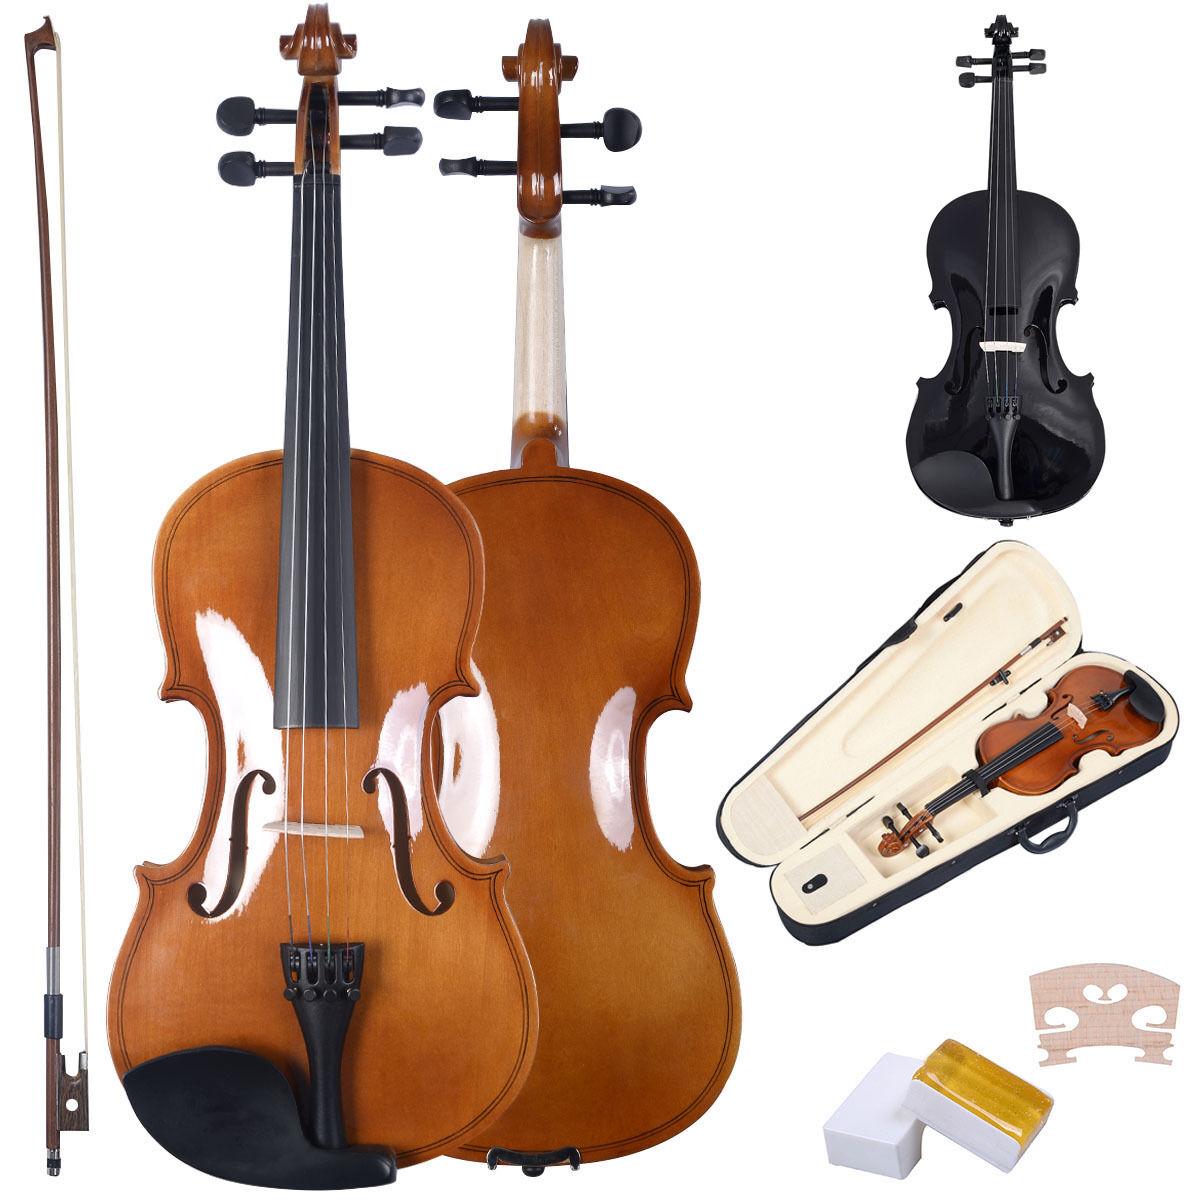 4/4 Violine Geige Set Bogen Koffer Zubehör Anfängergeige Schüler Musikinstrument